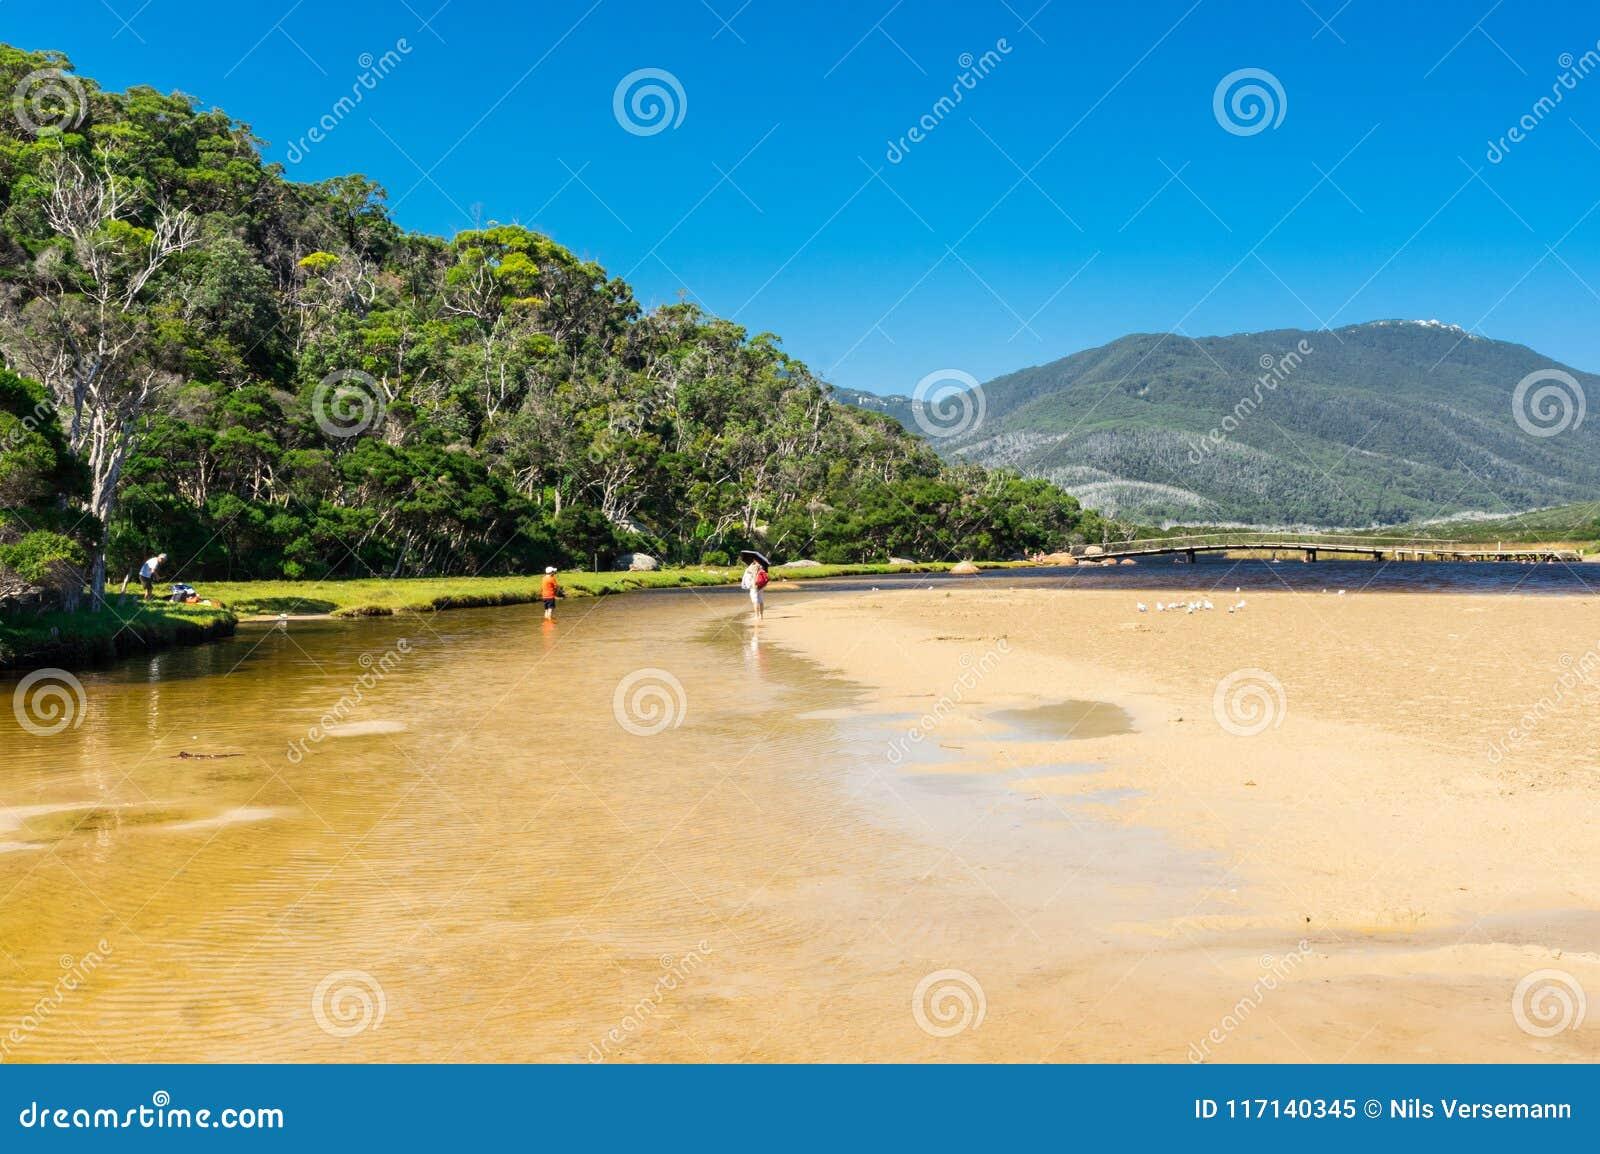 Pływowa rzeka w sekci poludniowa Wilsons cypla park narodowy w Gippsland, Australia